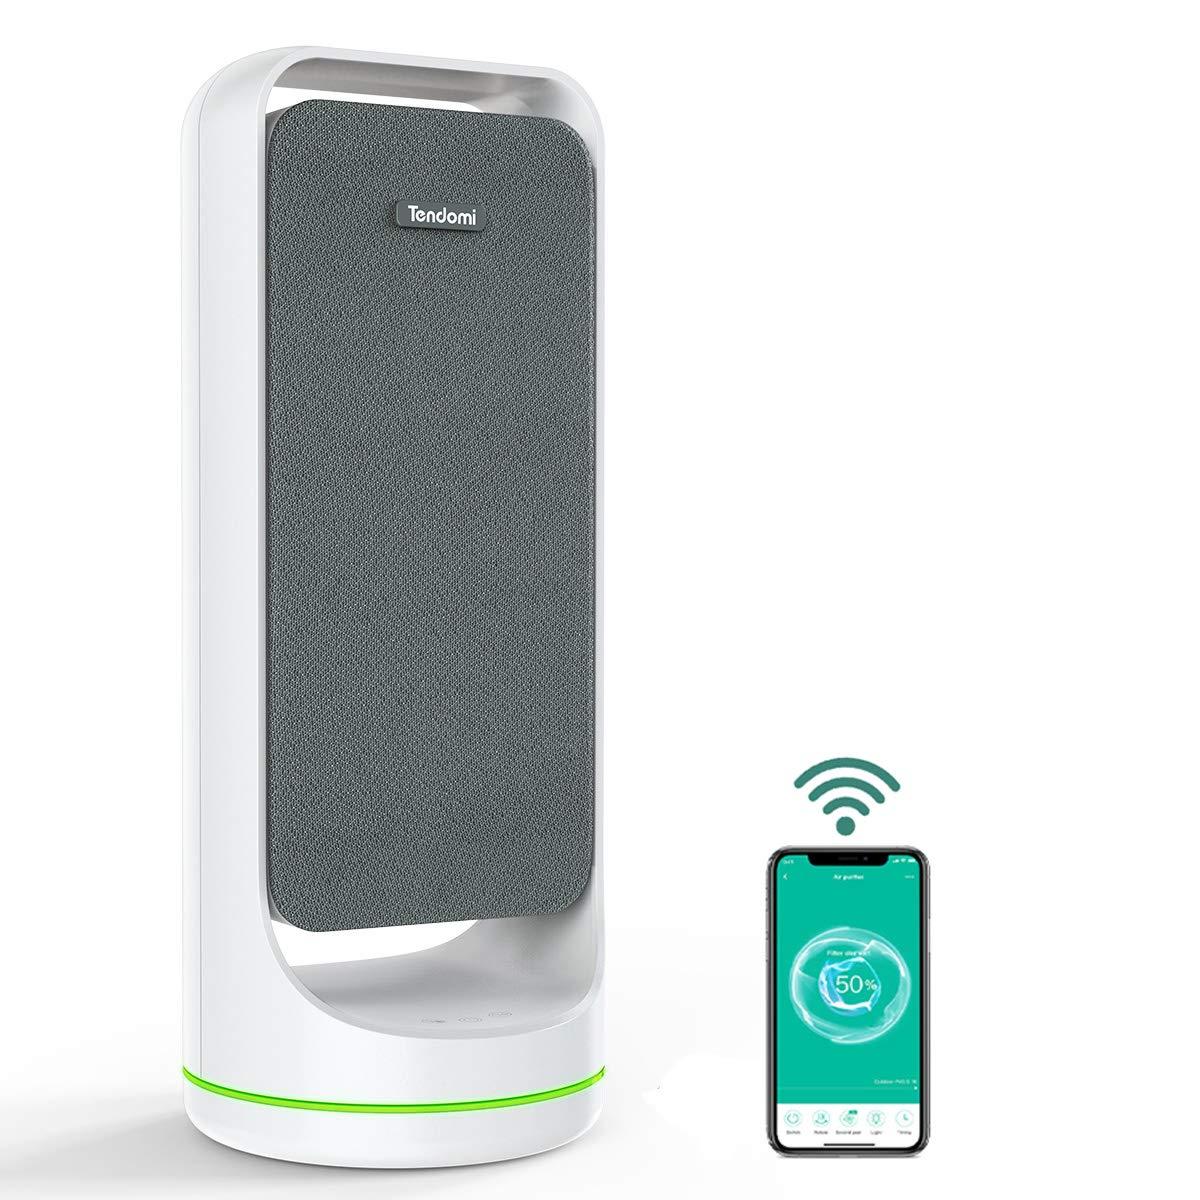 TENDOMI Purificador de Aire Portátil con HEPA para Hogar, WiFi Inteligente Air Purifier, 4 Modos de Purificación, 6 ...